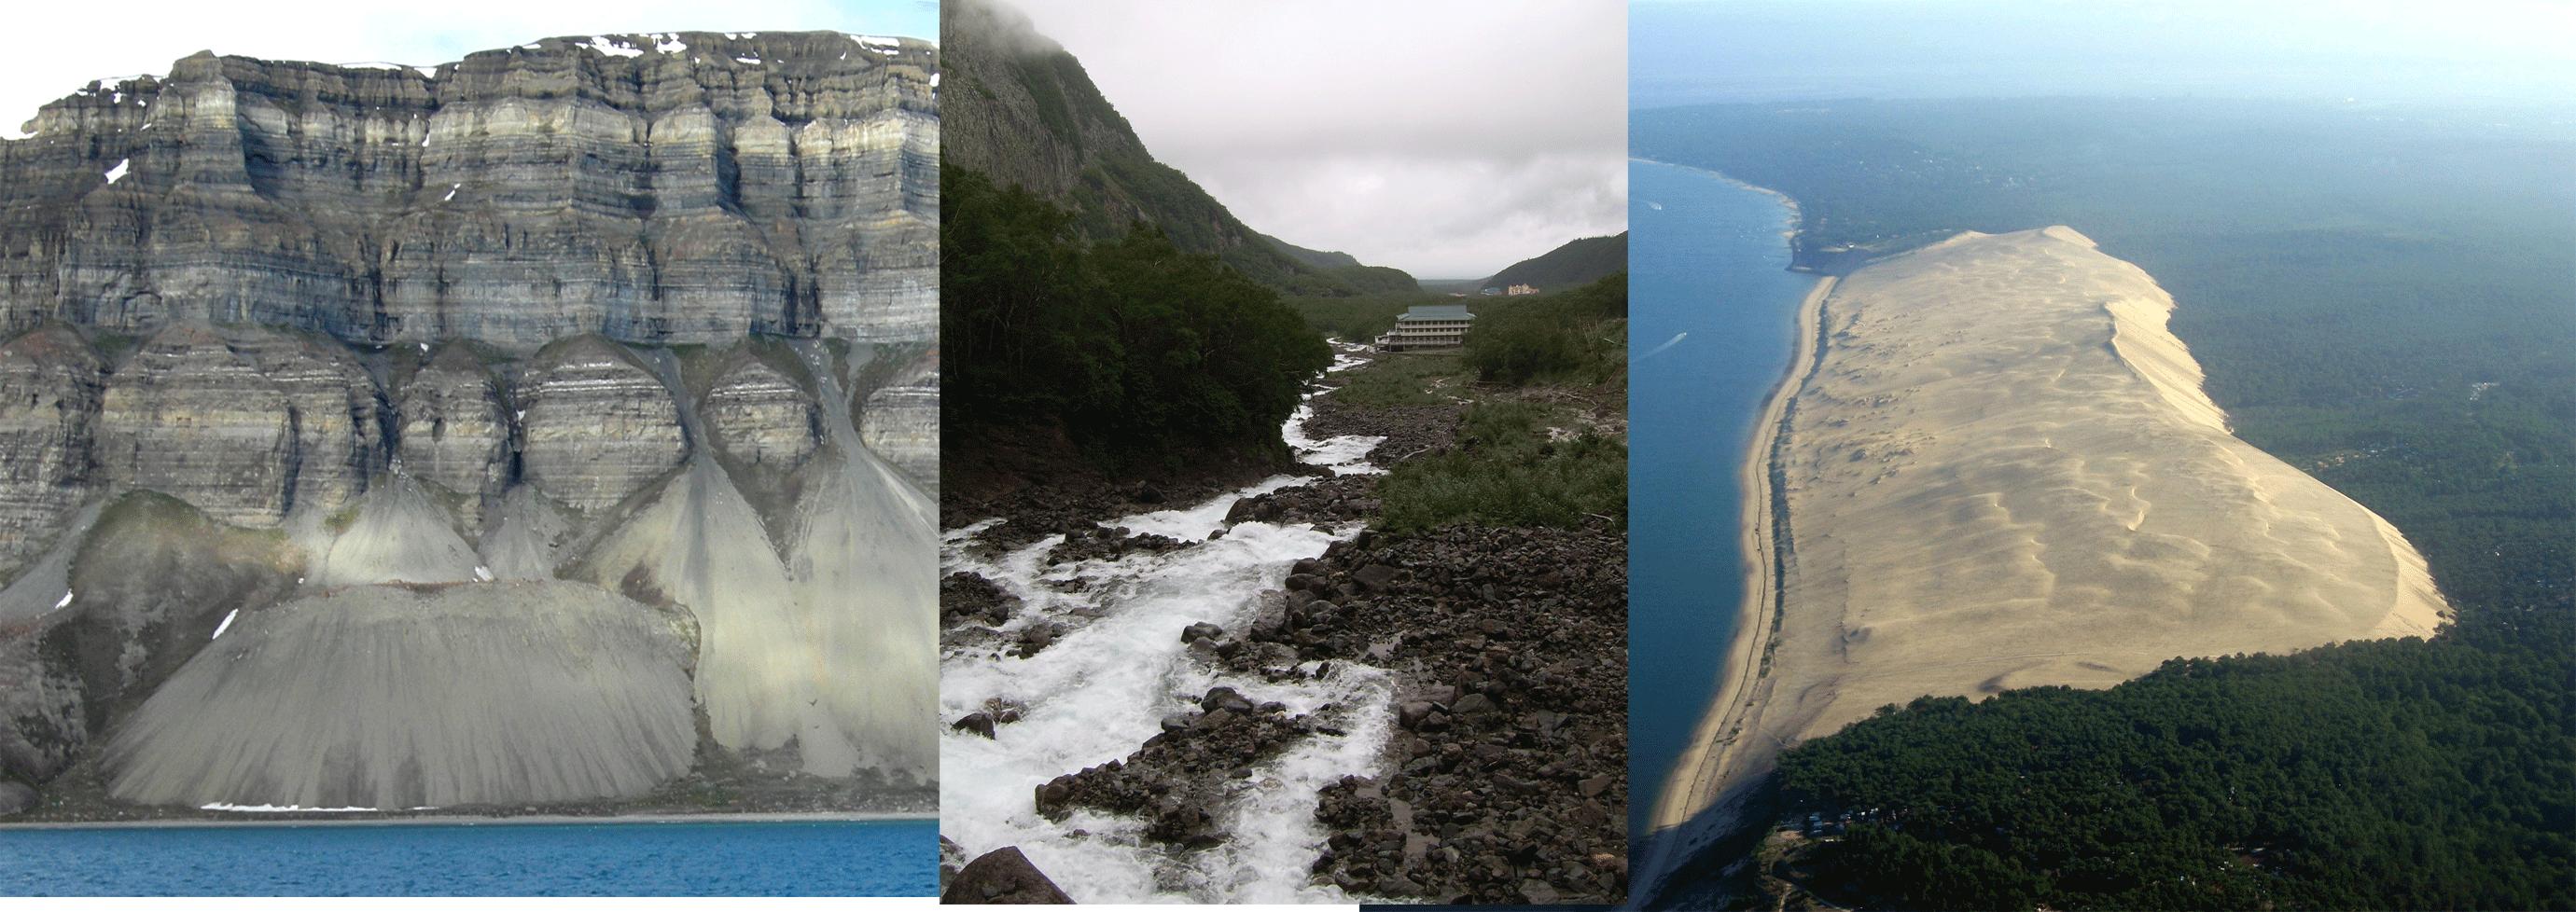 L'action de l'eau sur les roches et le paysage - 5e ...